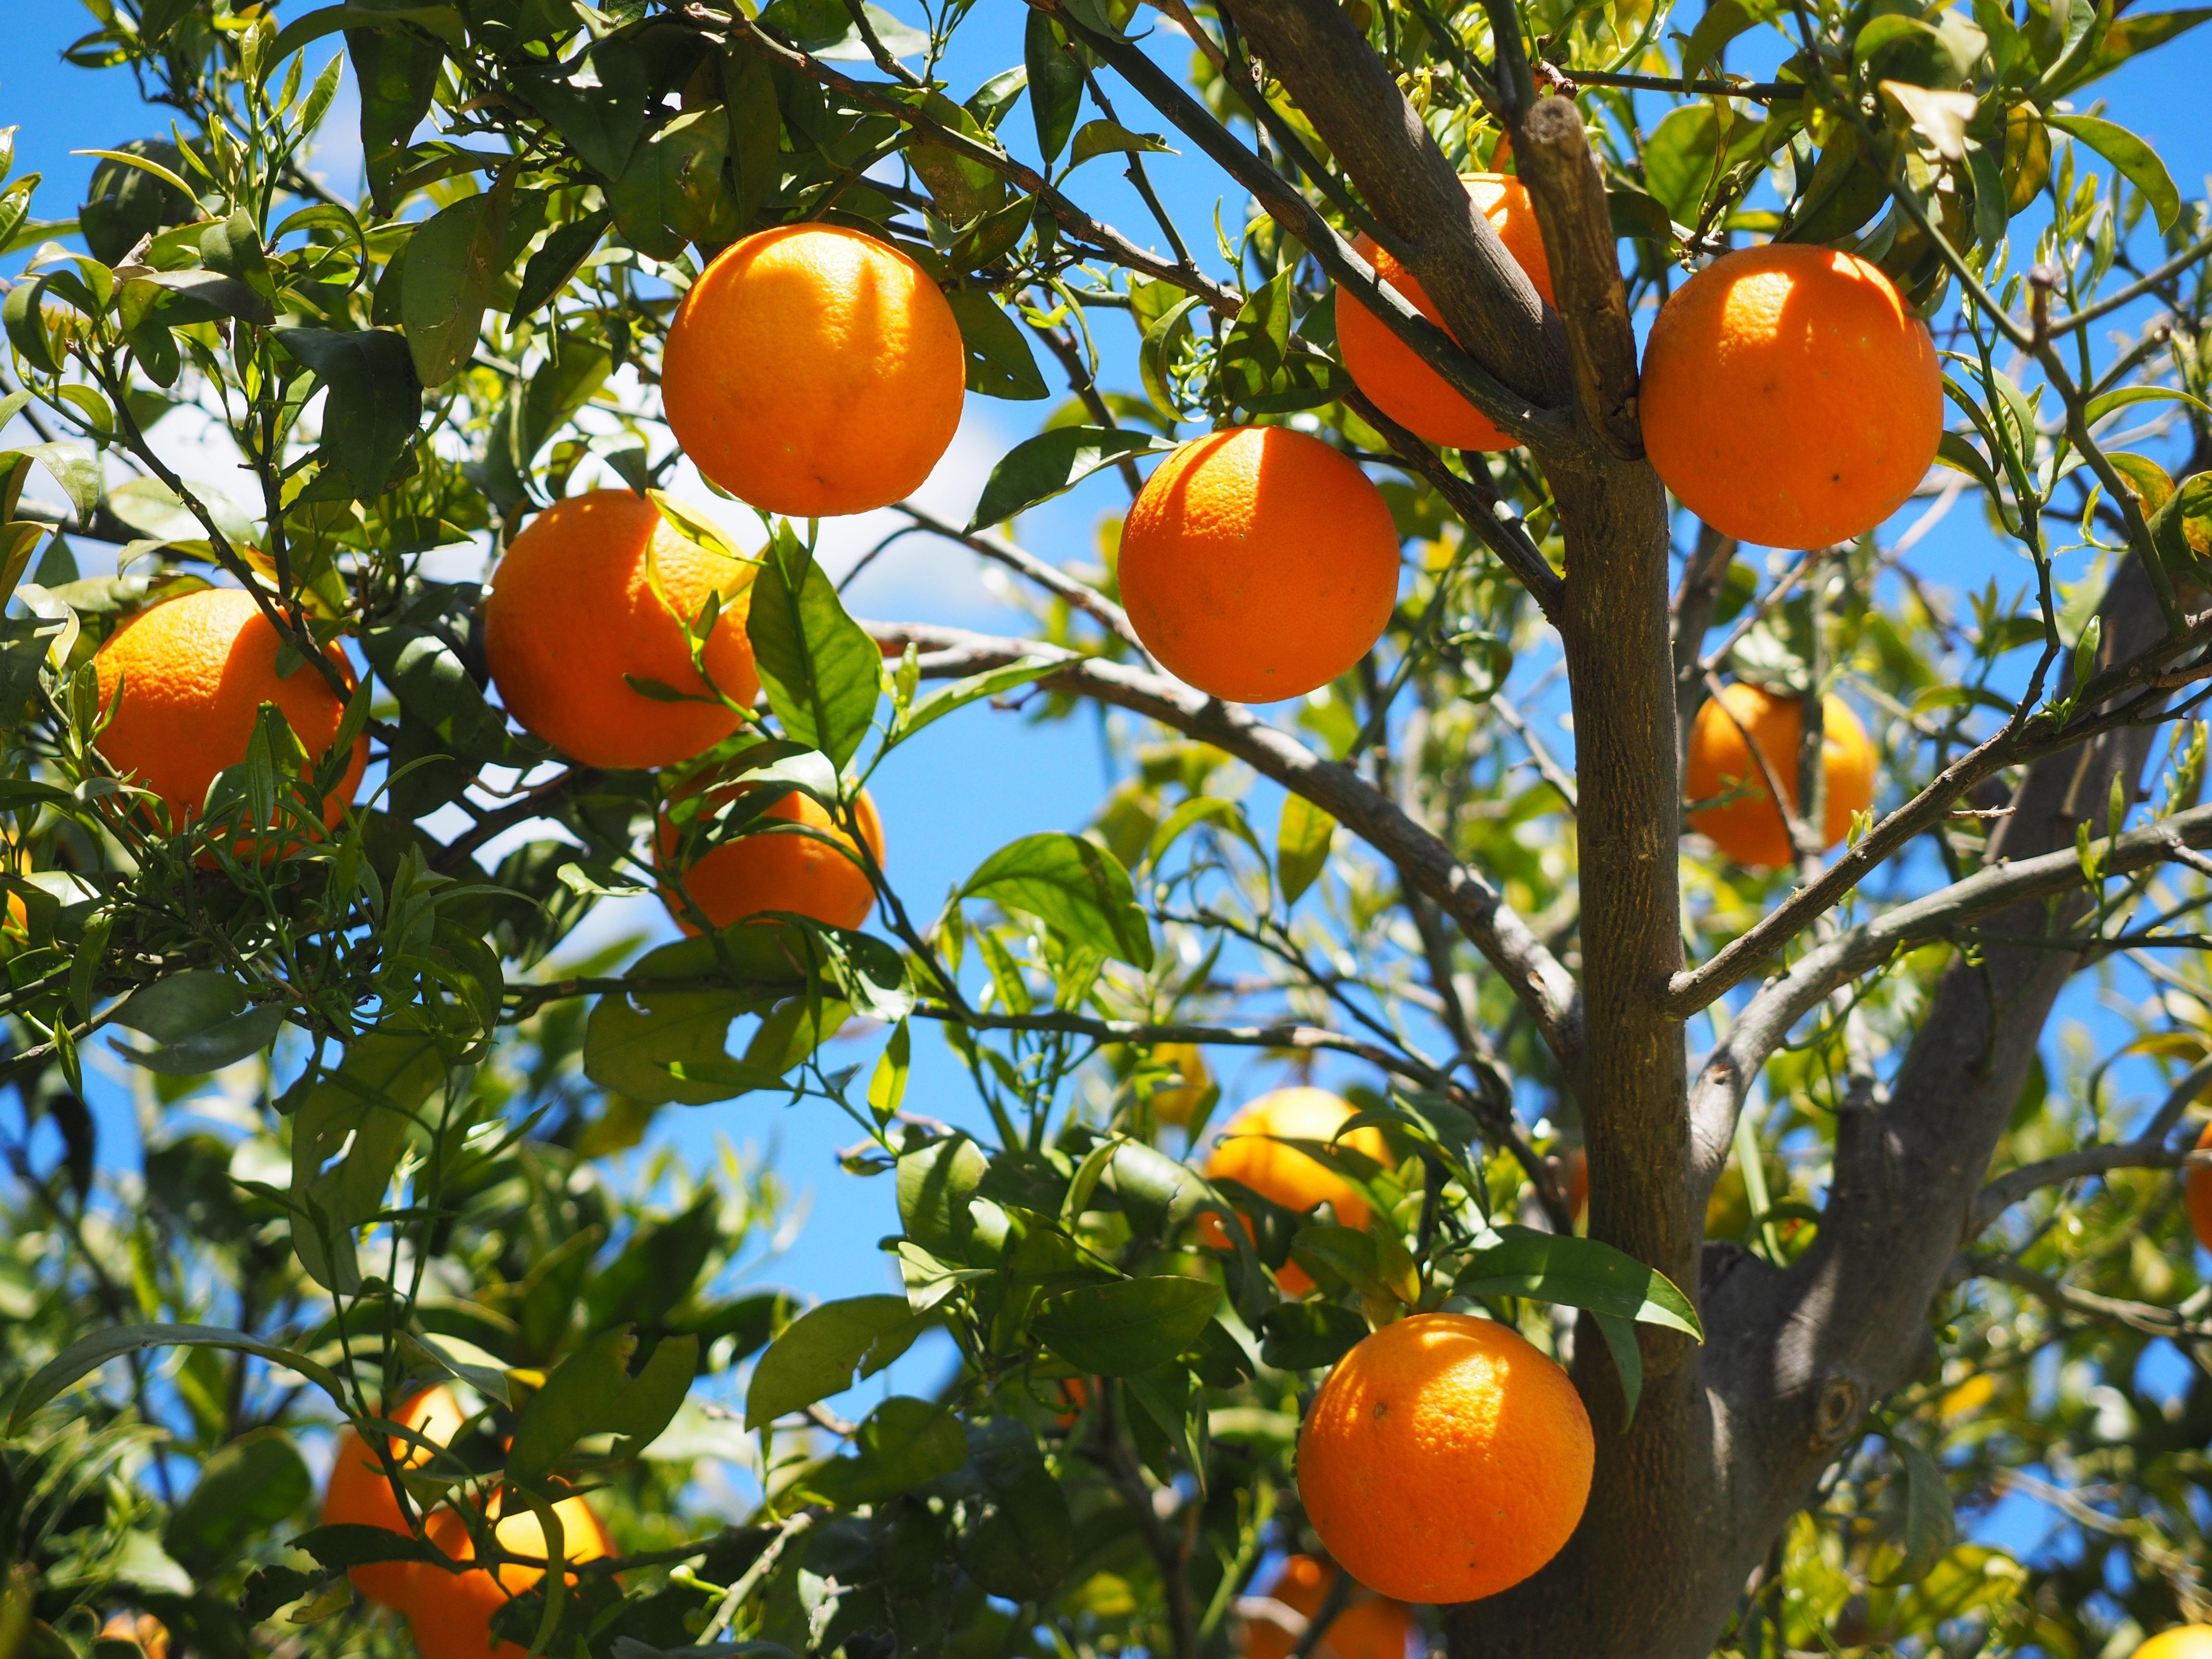 bergamotto, bergamotto di calabria, agrumi, arancia, mandarino, limoni, melograno